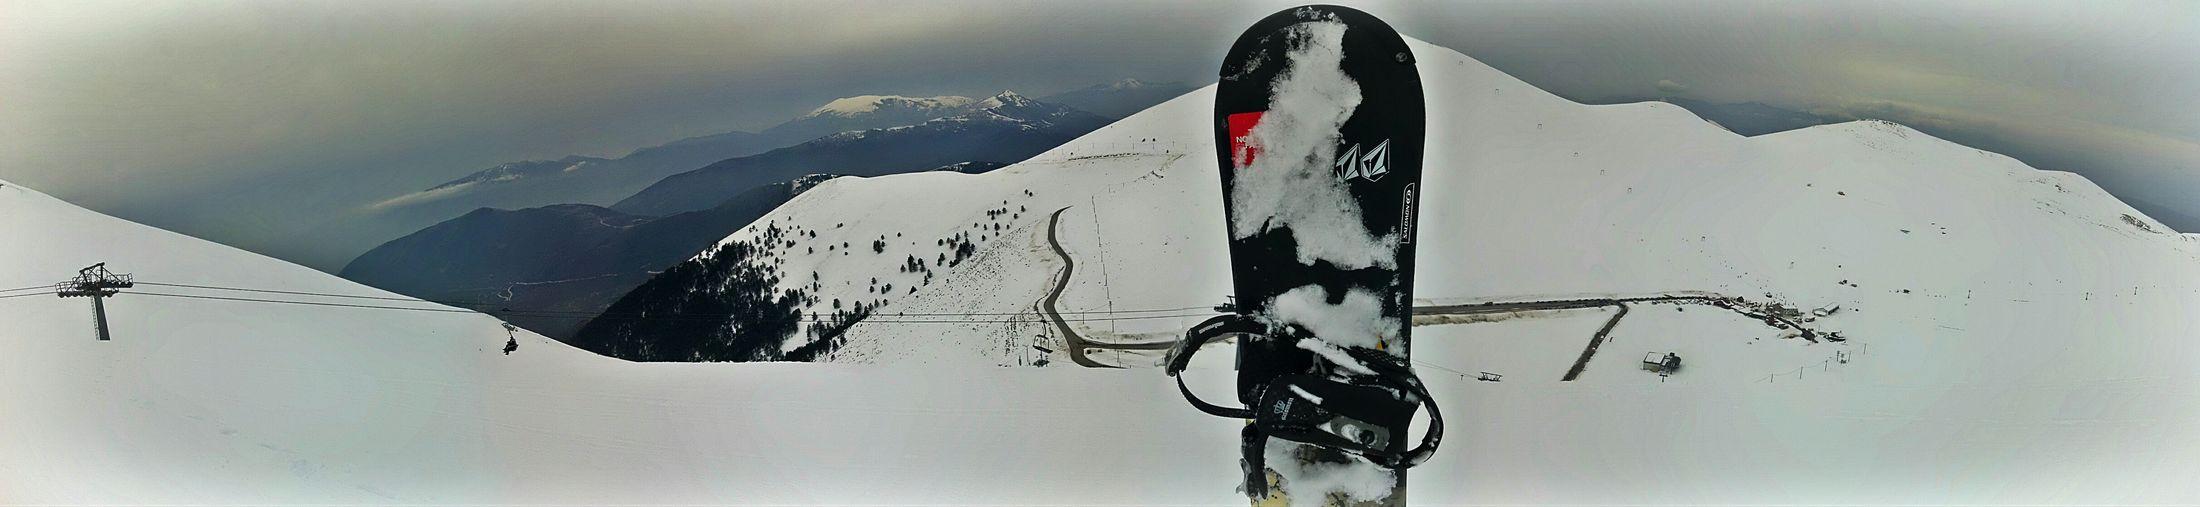 Snowboard In Falakro Mountain, Drama, Greece